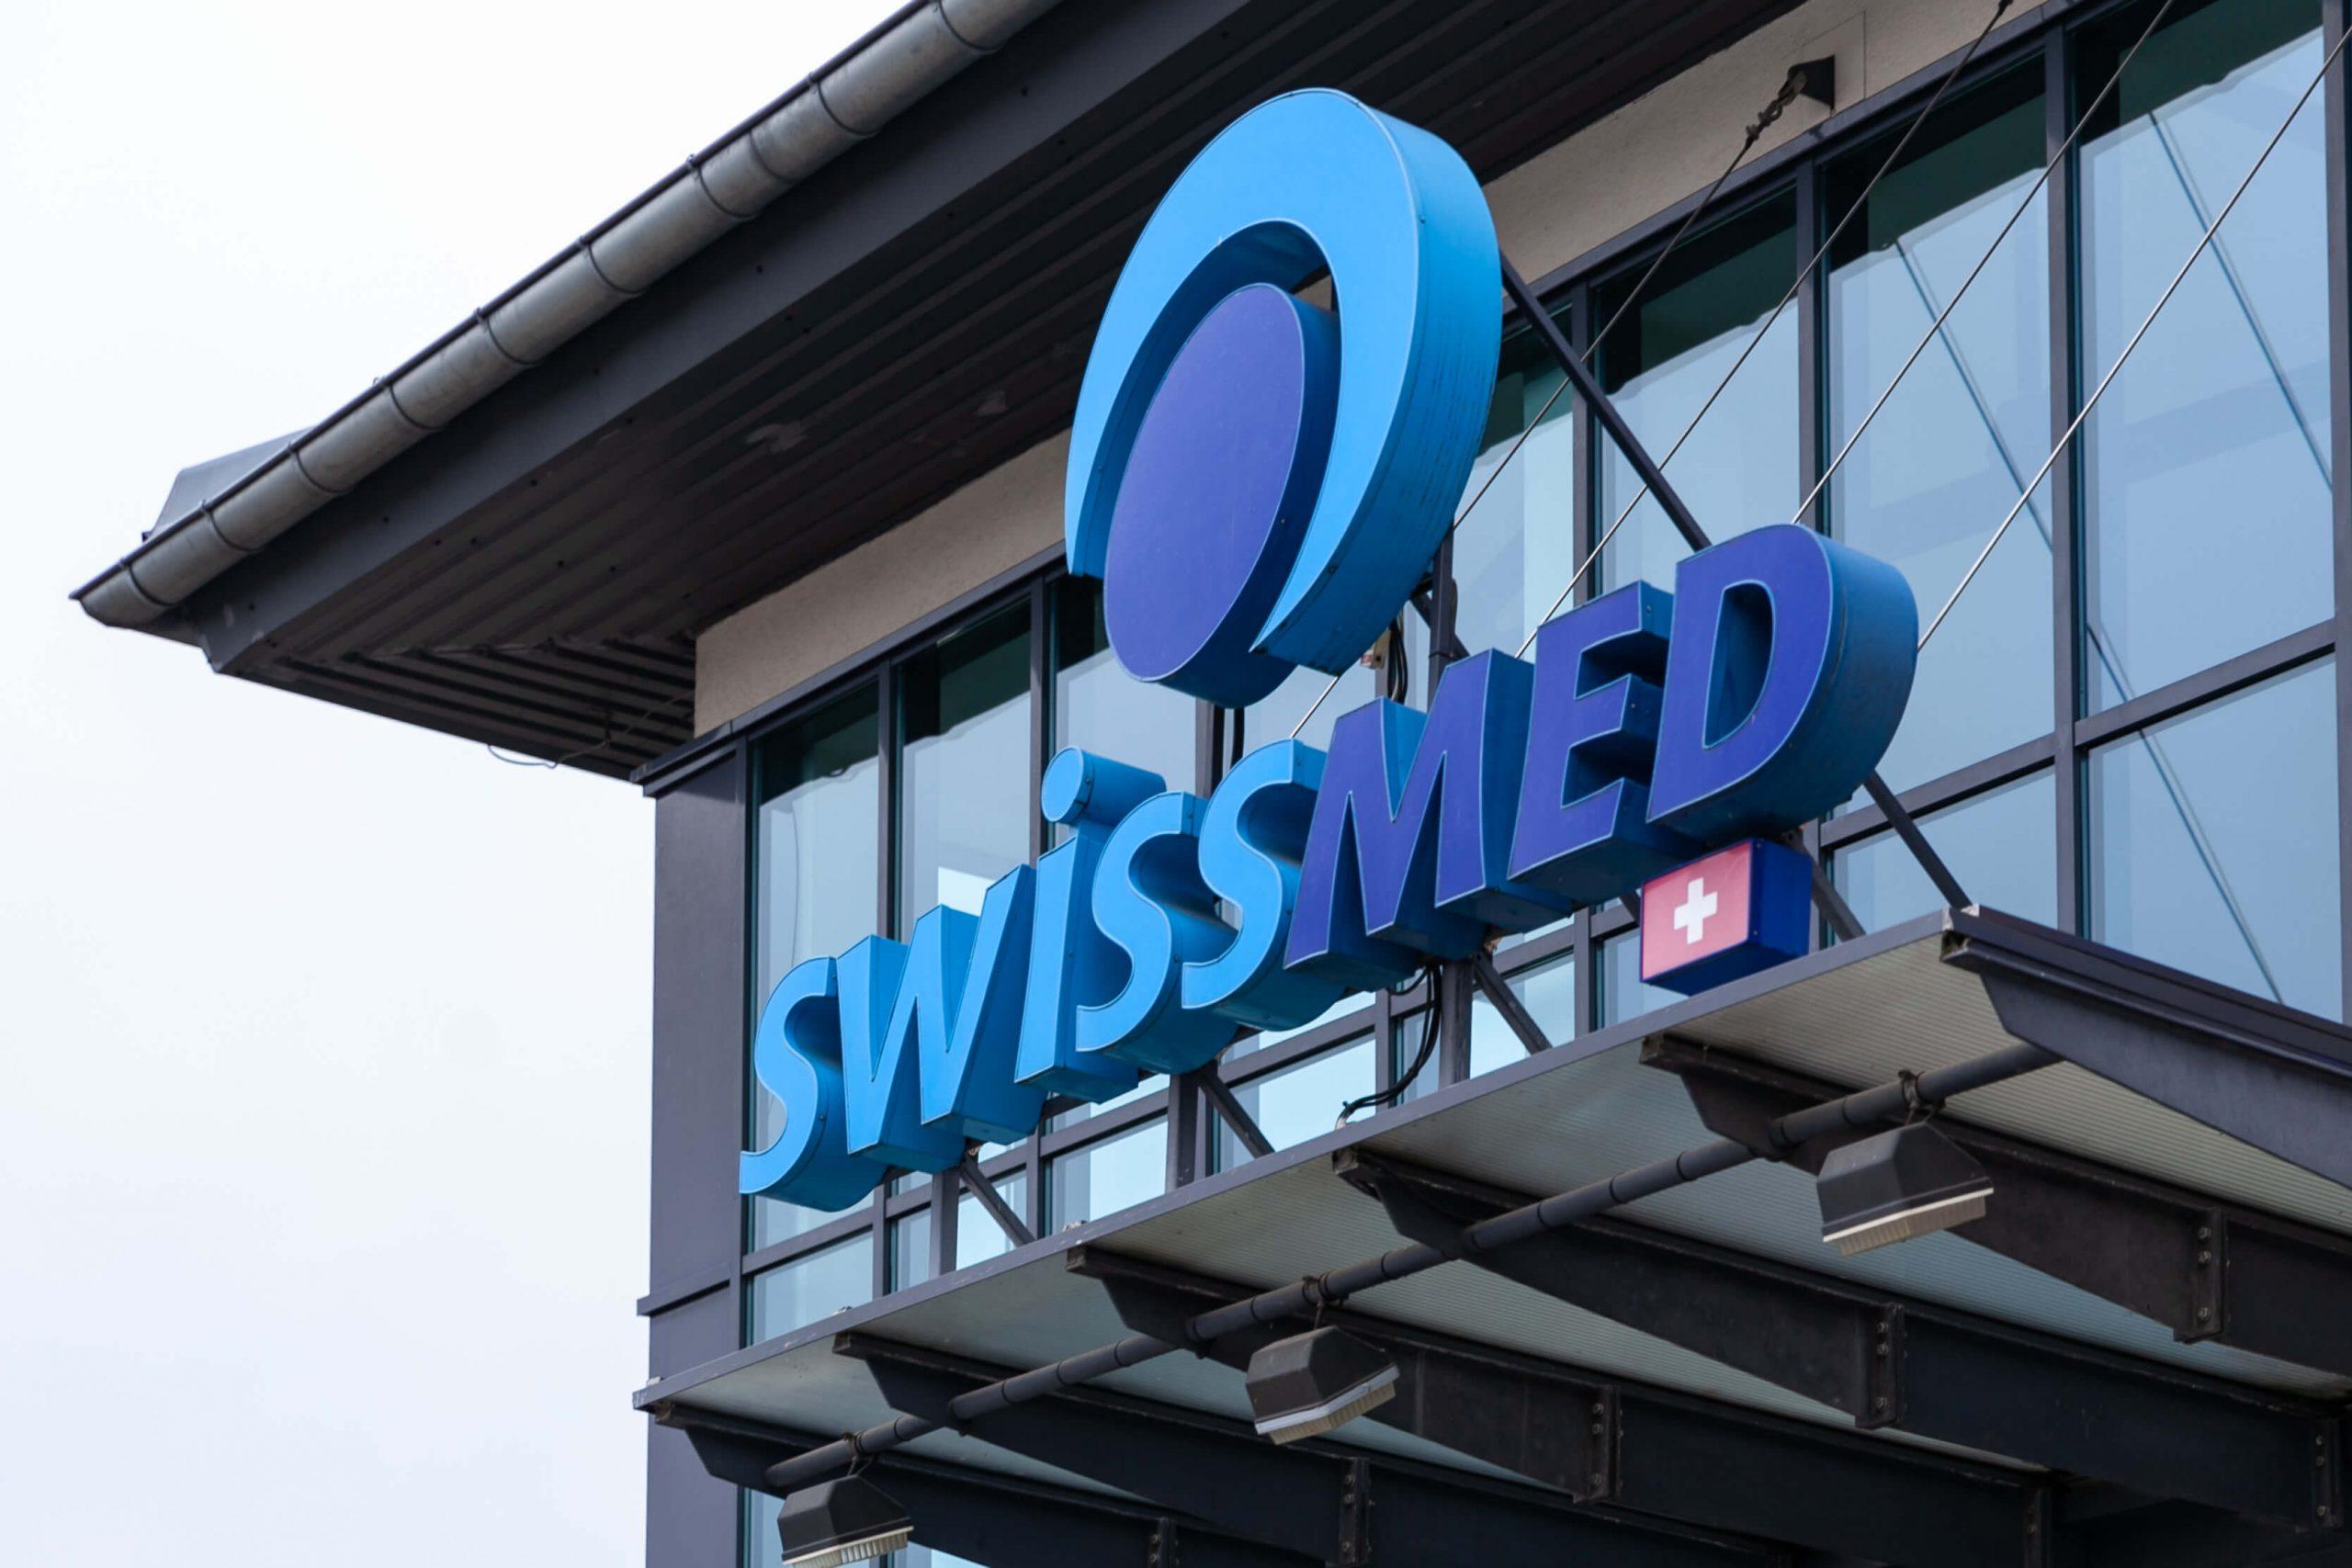 Swissmed 21 scaled - Co do zaproponowania ma pacjentom gdański Szpital Swissmed?